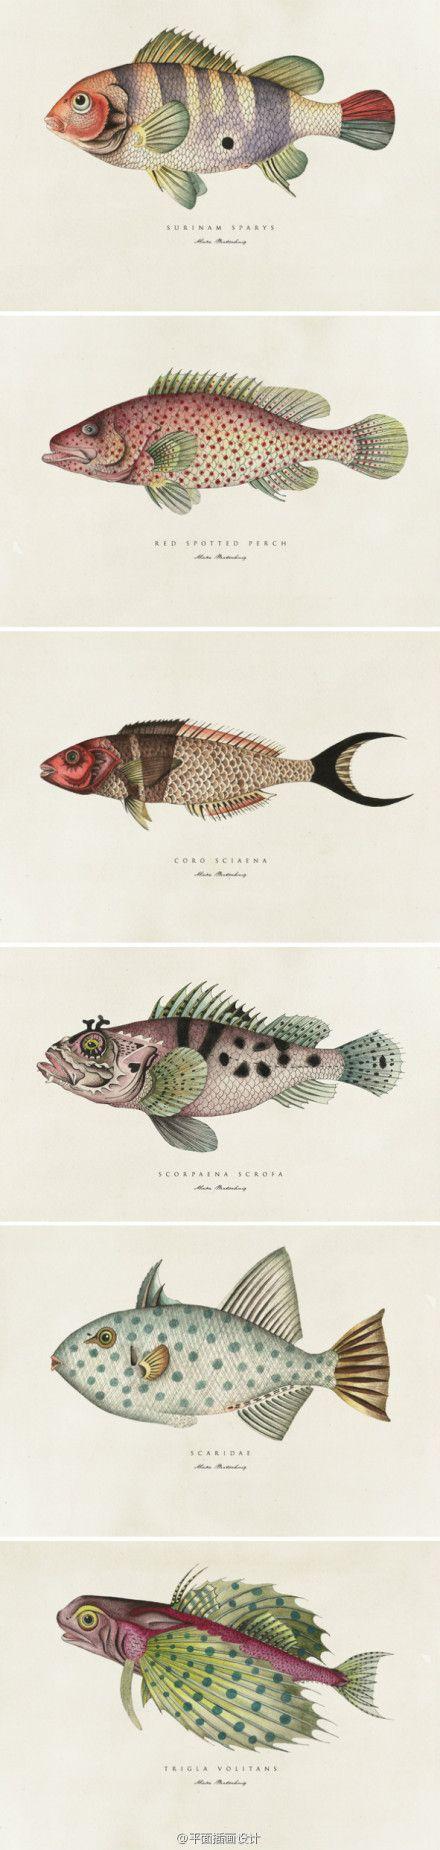 Pin de emma wu en art pinterest ilustracion for Art 1576 cc